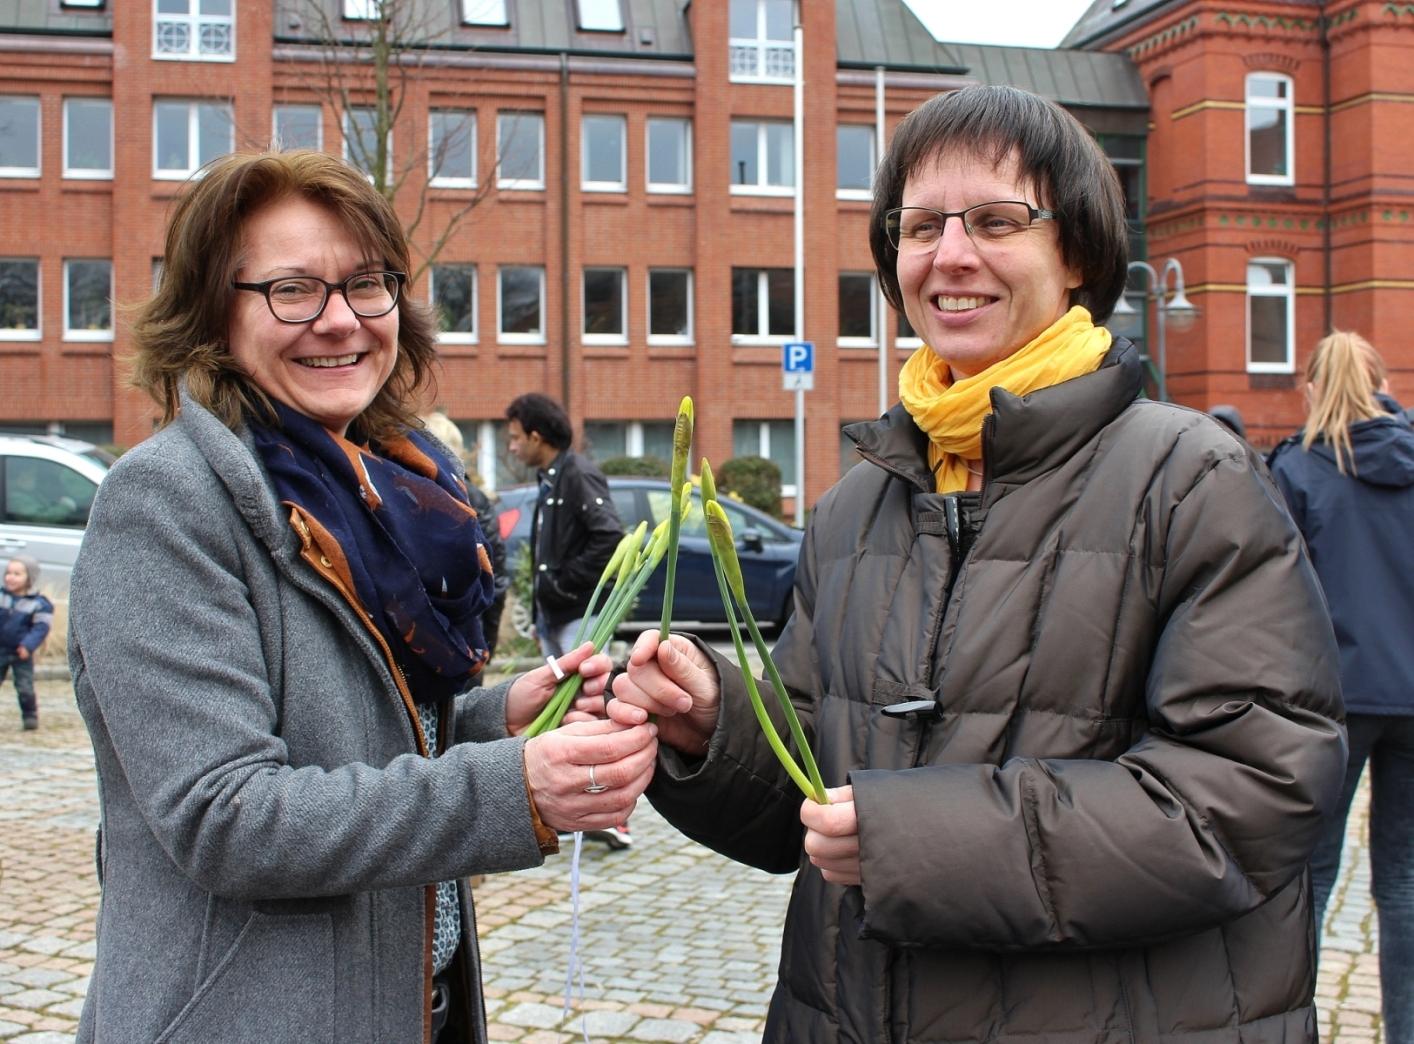 Alte Frau Sucht Jungen Mann Düsseldorf